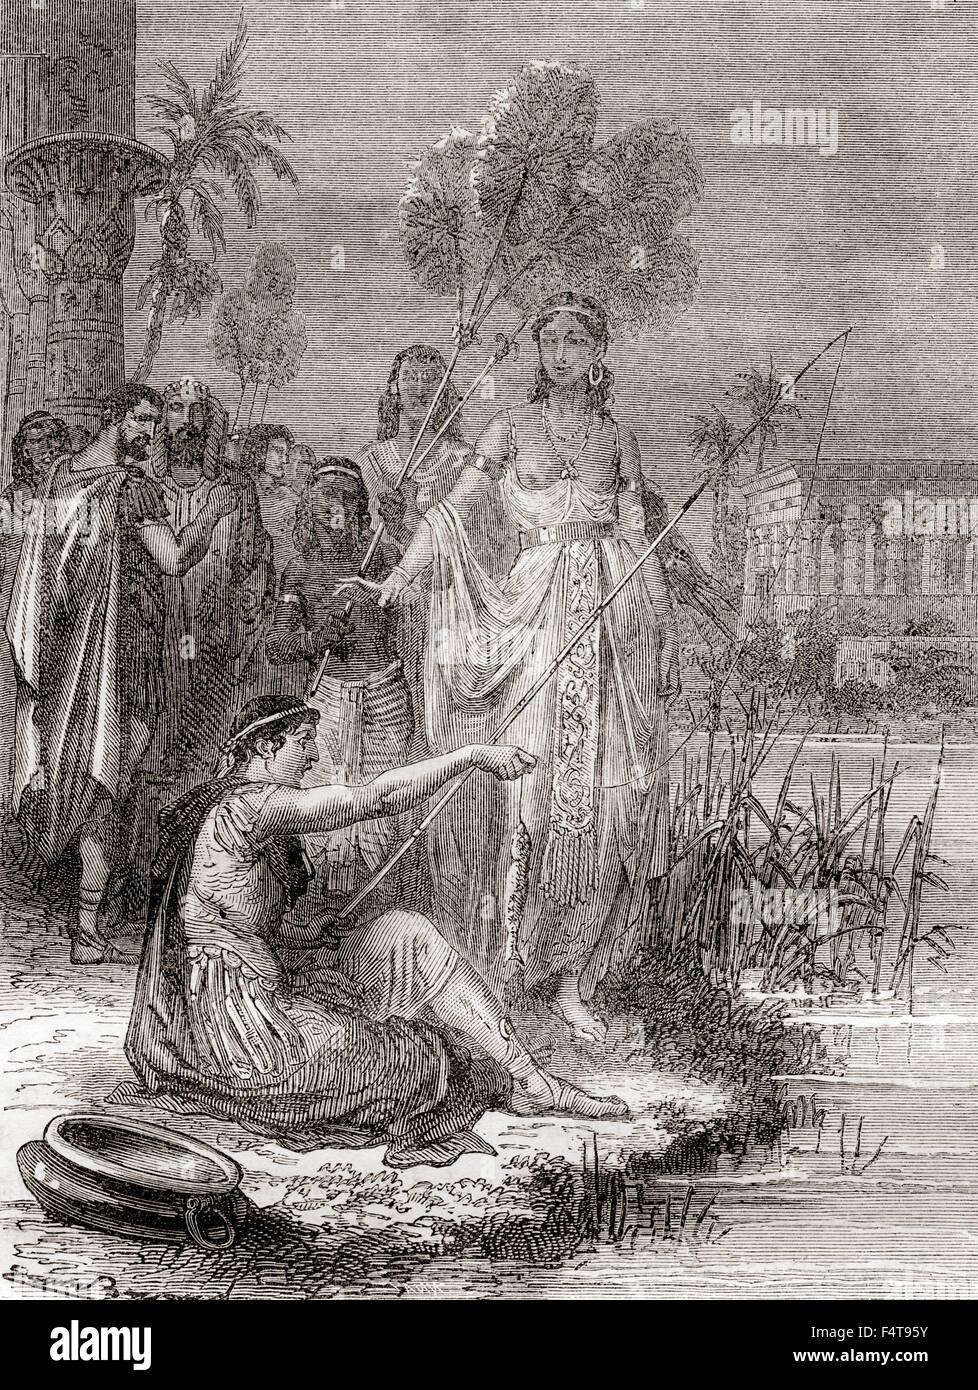 Illustrazione della storia raccontata da Plutarco nella sua biografia di Marc Antony circa l'incidente di pesca Immagini Stock